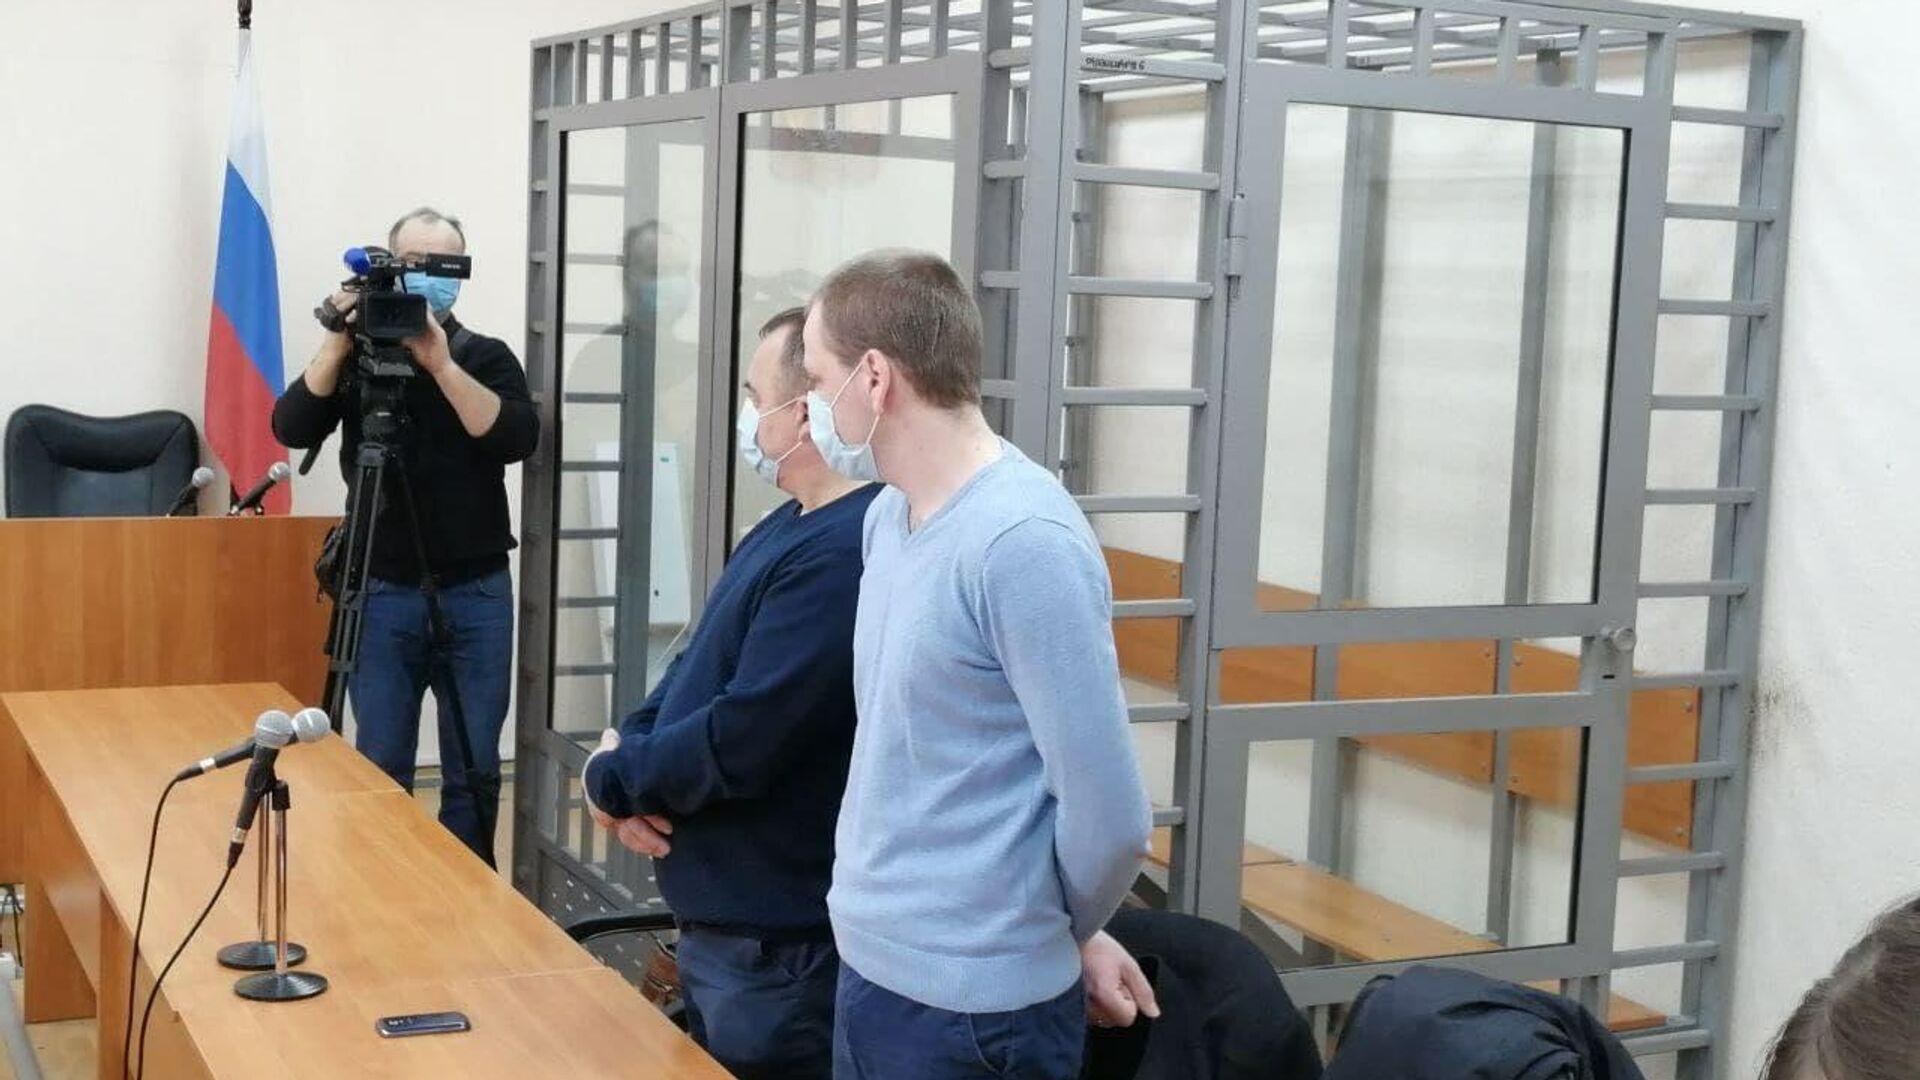 Вынесение приговора бывшим полицейским по делу о гибели задержанного в Калининграде - РИА Новости, 1920, 29.01.2021